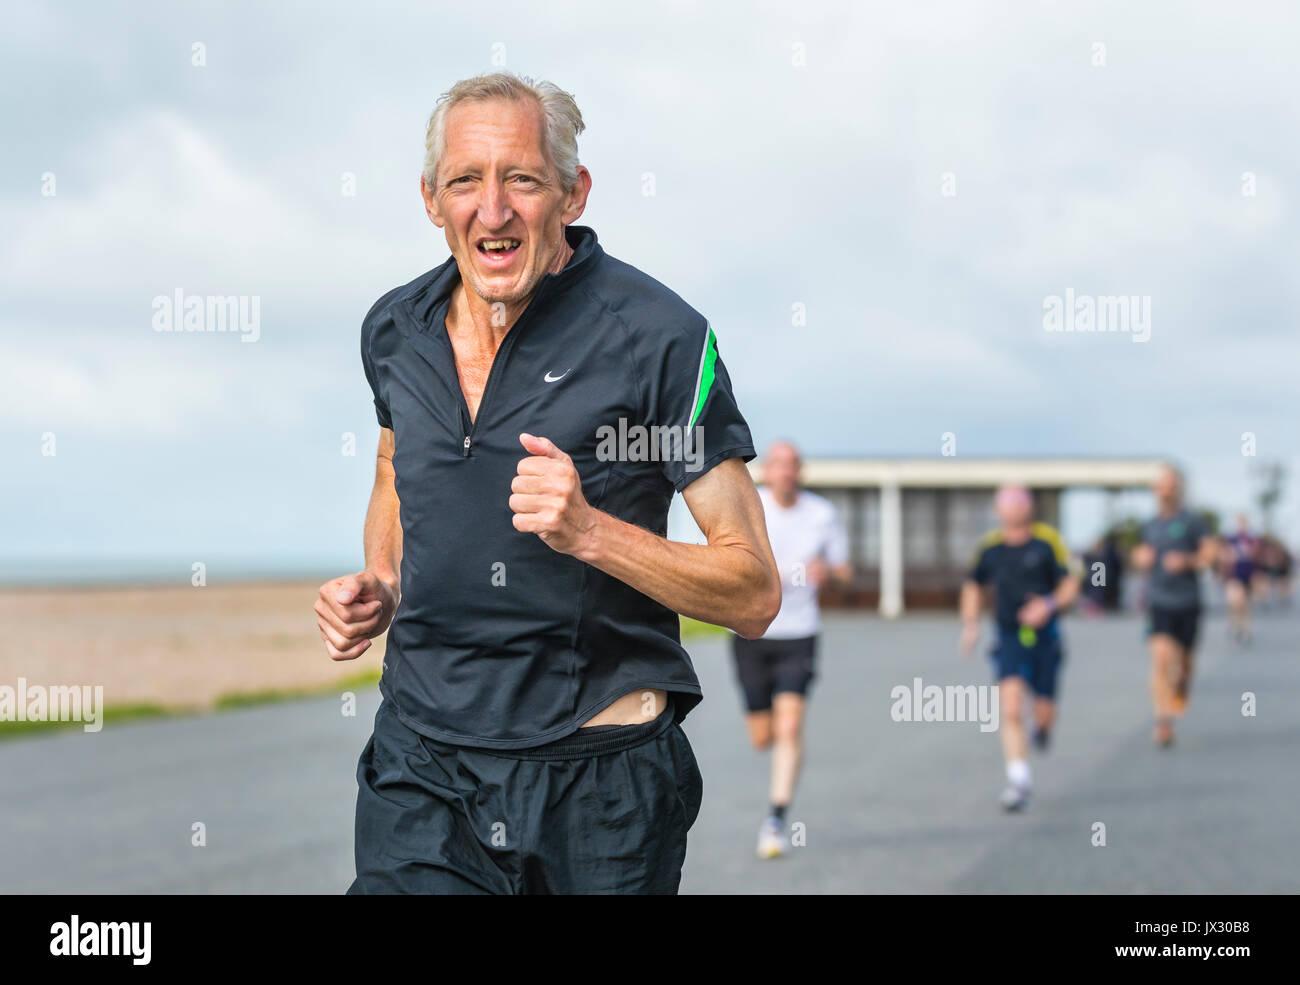 Un homme âgé s'exécutant sur la vitalité de l'événement hebdomadaire Parkrun à Worthing, West Sussex, Angleterre, Royaume-Uni. Photo Stock